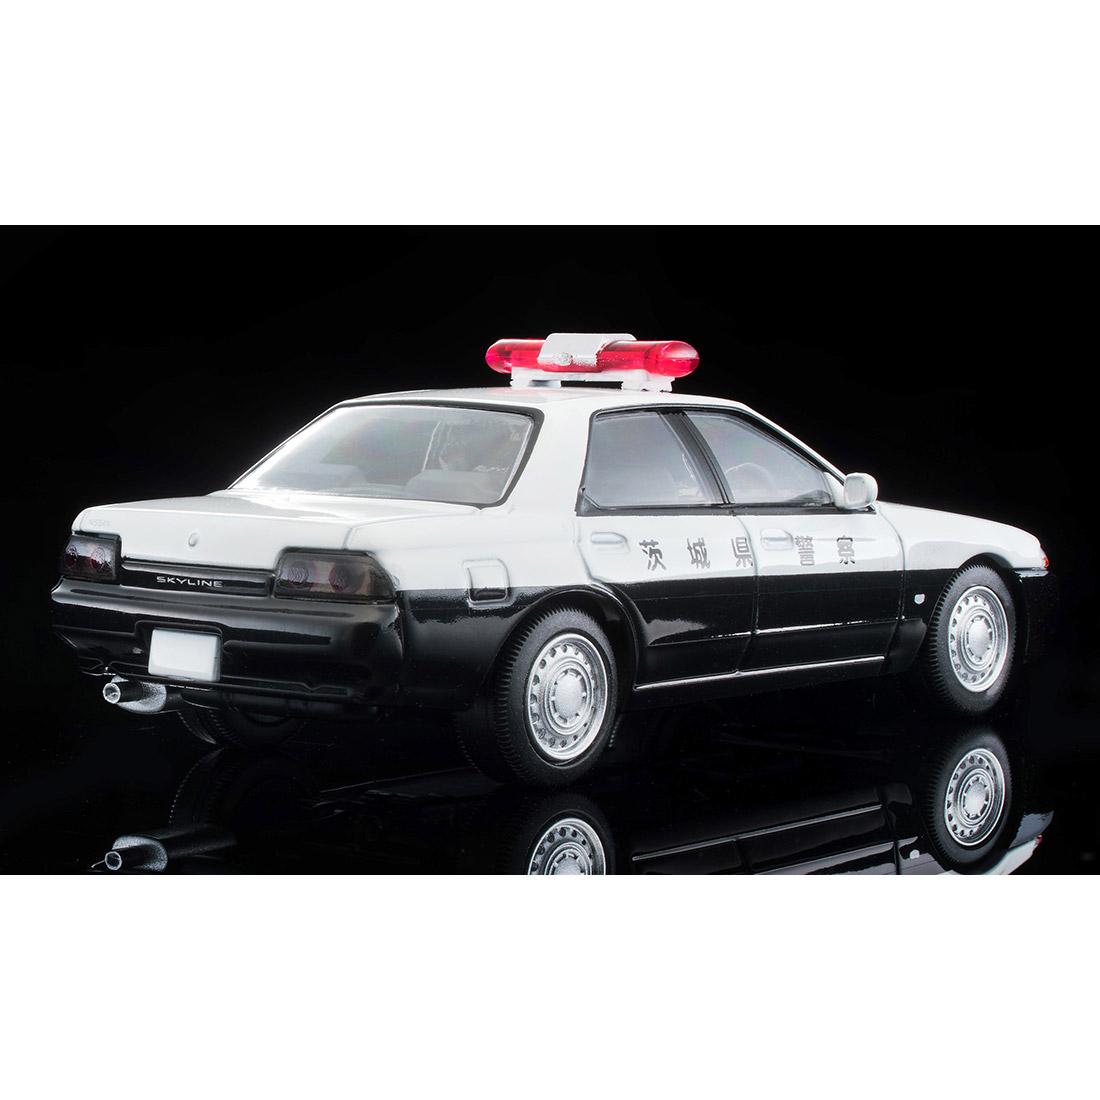 トミカリミテッド ヴィンテージ ネオ TLV-NEO『LV-N212a スカイラインパトロールカー』ミニカー-009